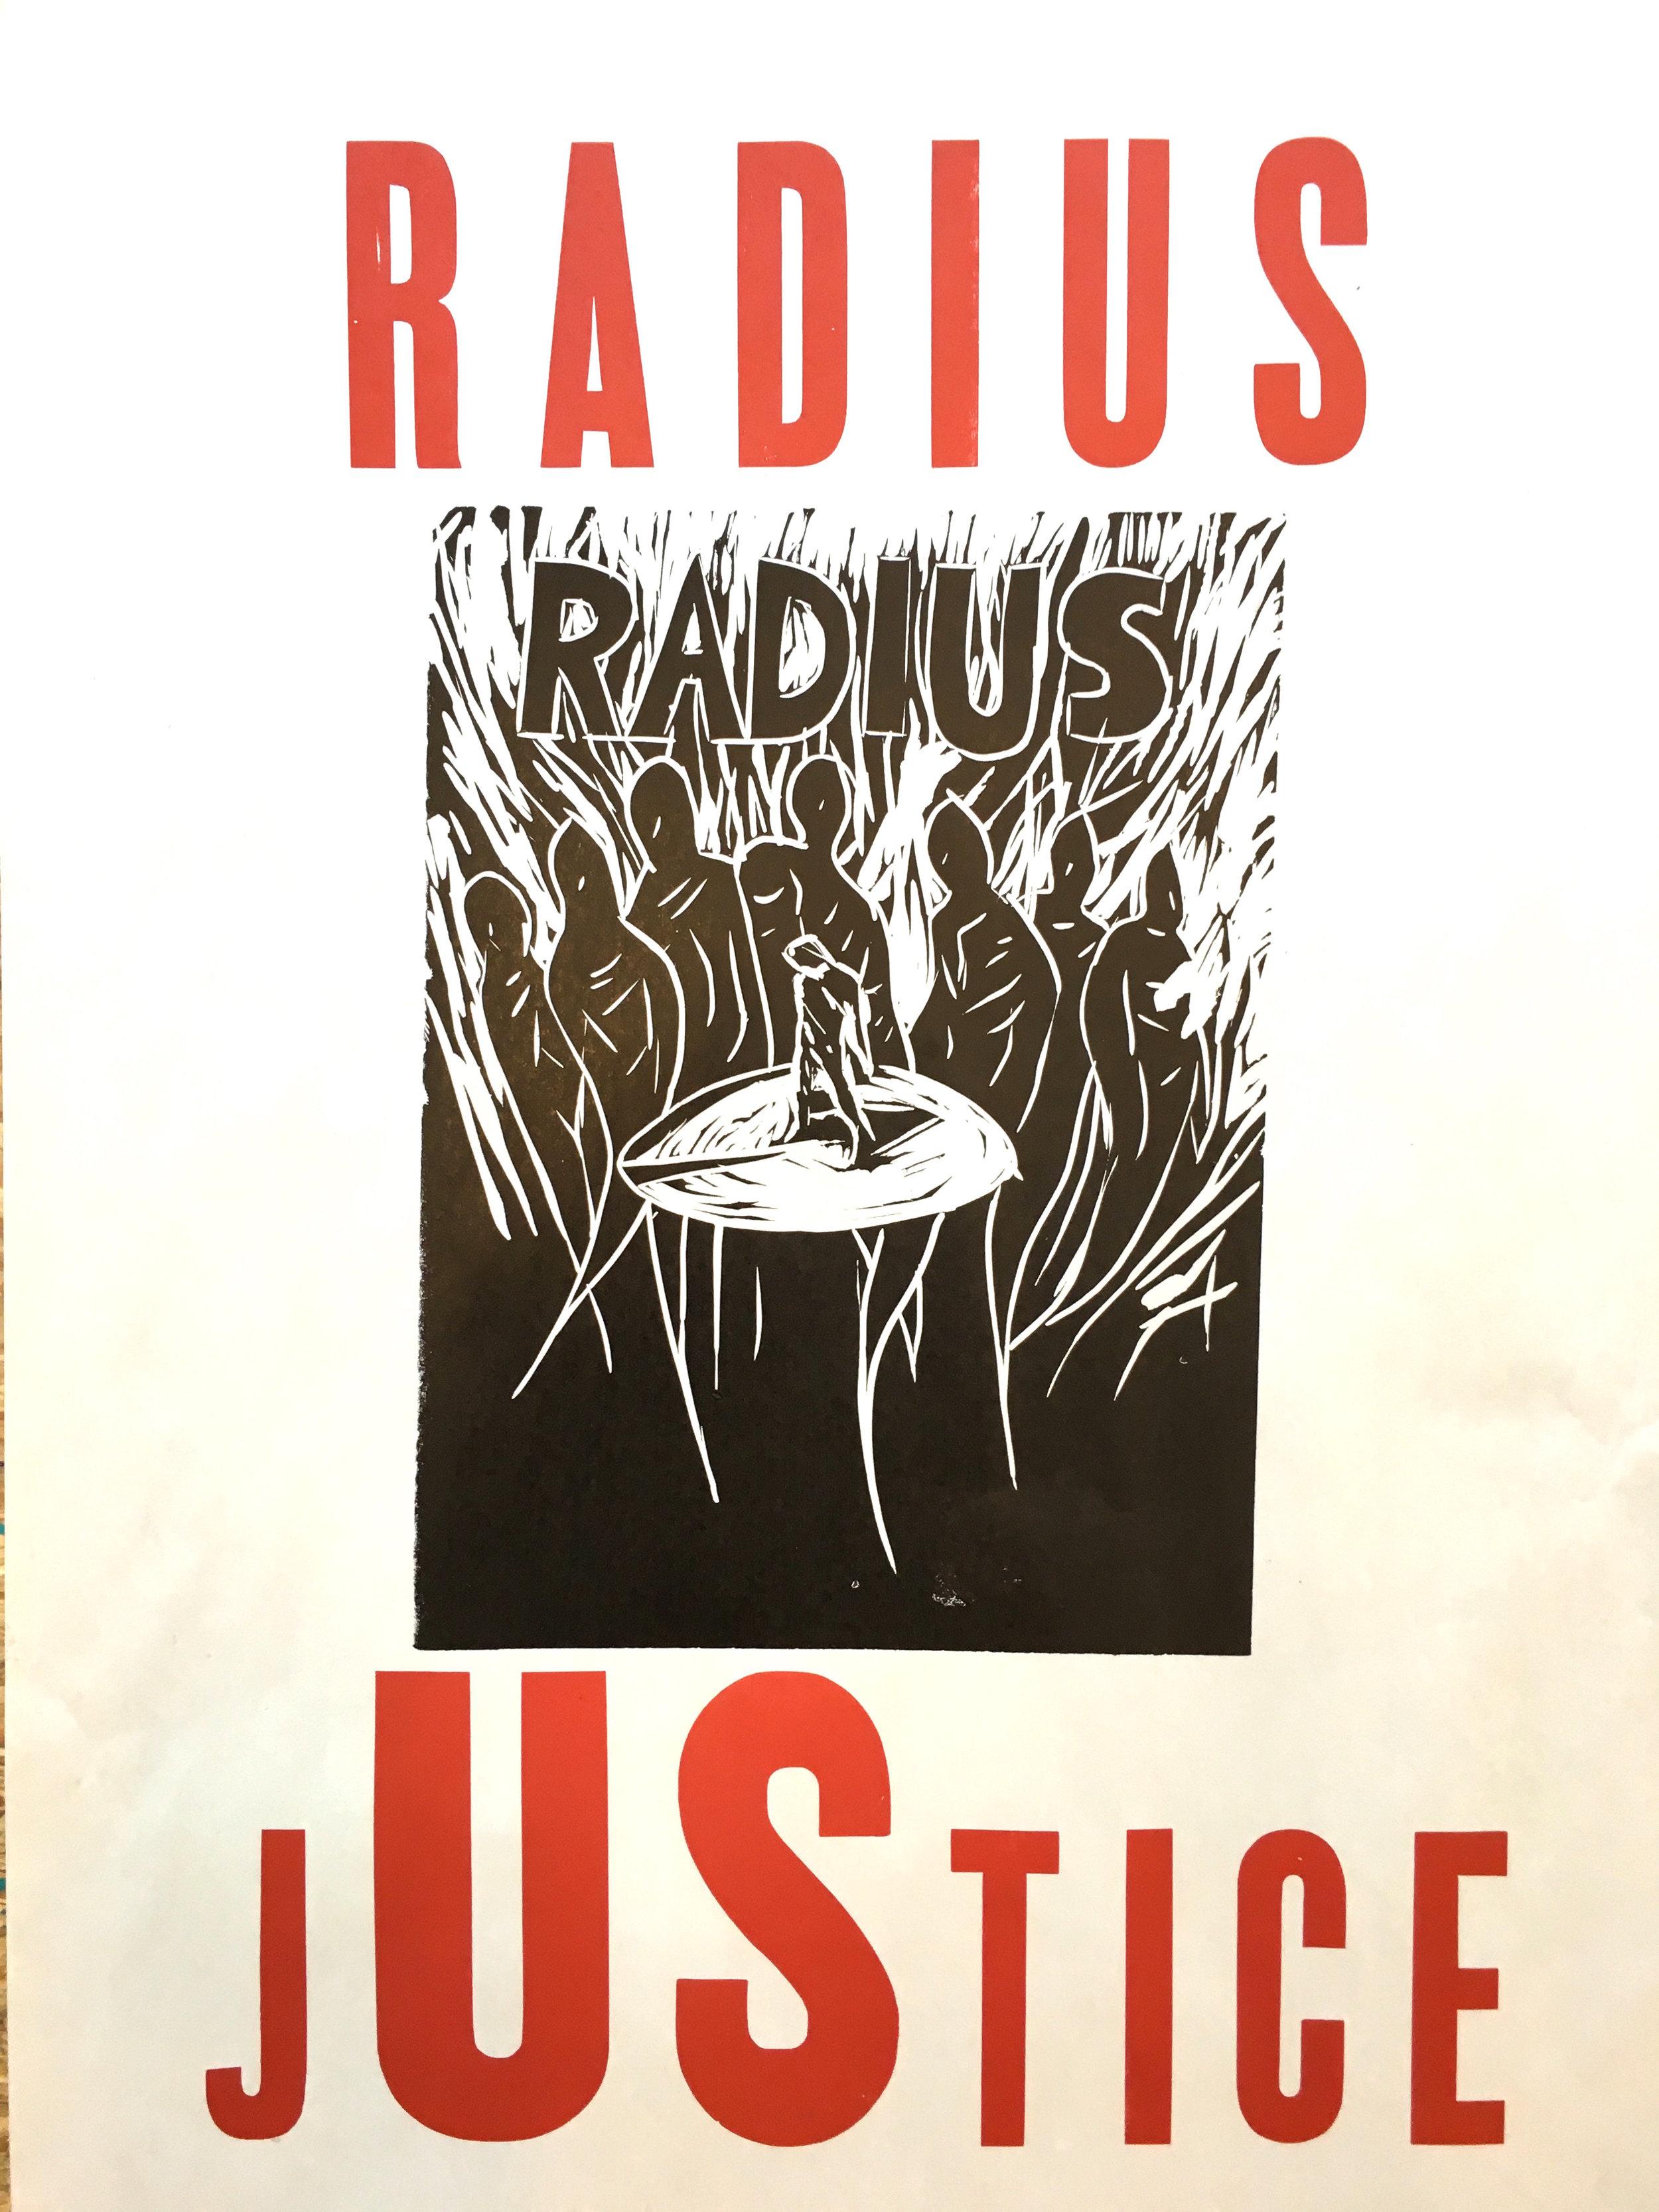 Papalote Justice 7.JPG